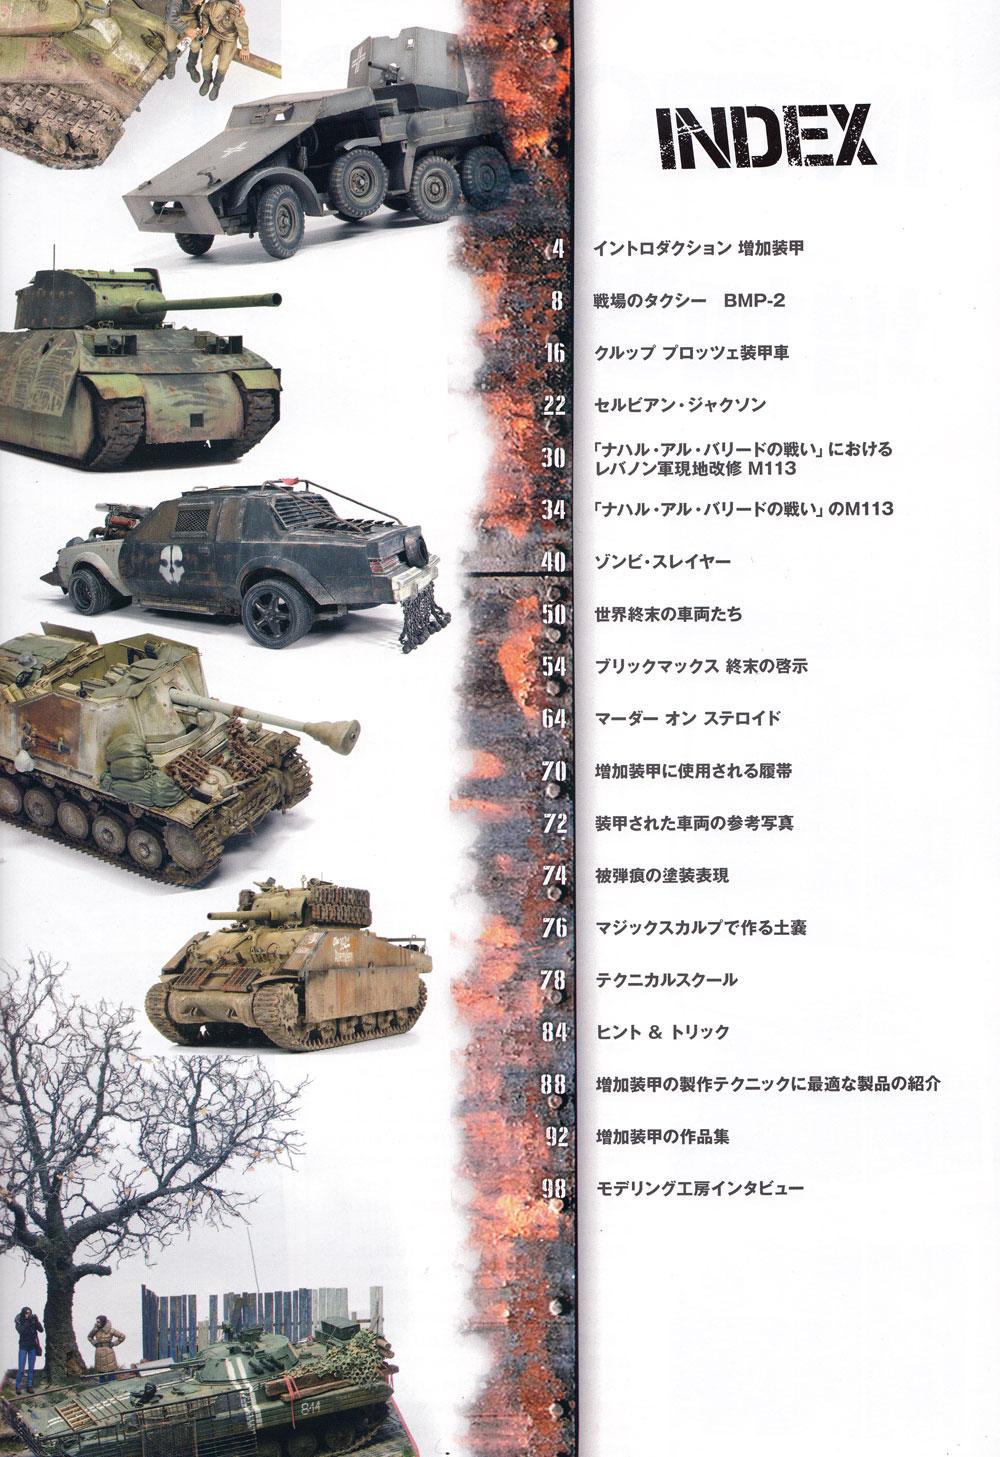 テクニックマガジン タンカー 02 エクストラ・アーマー 究極の増加装甲本(モデルアートテクニックマガジン タンカーNo.002)商品画像_1